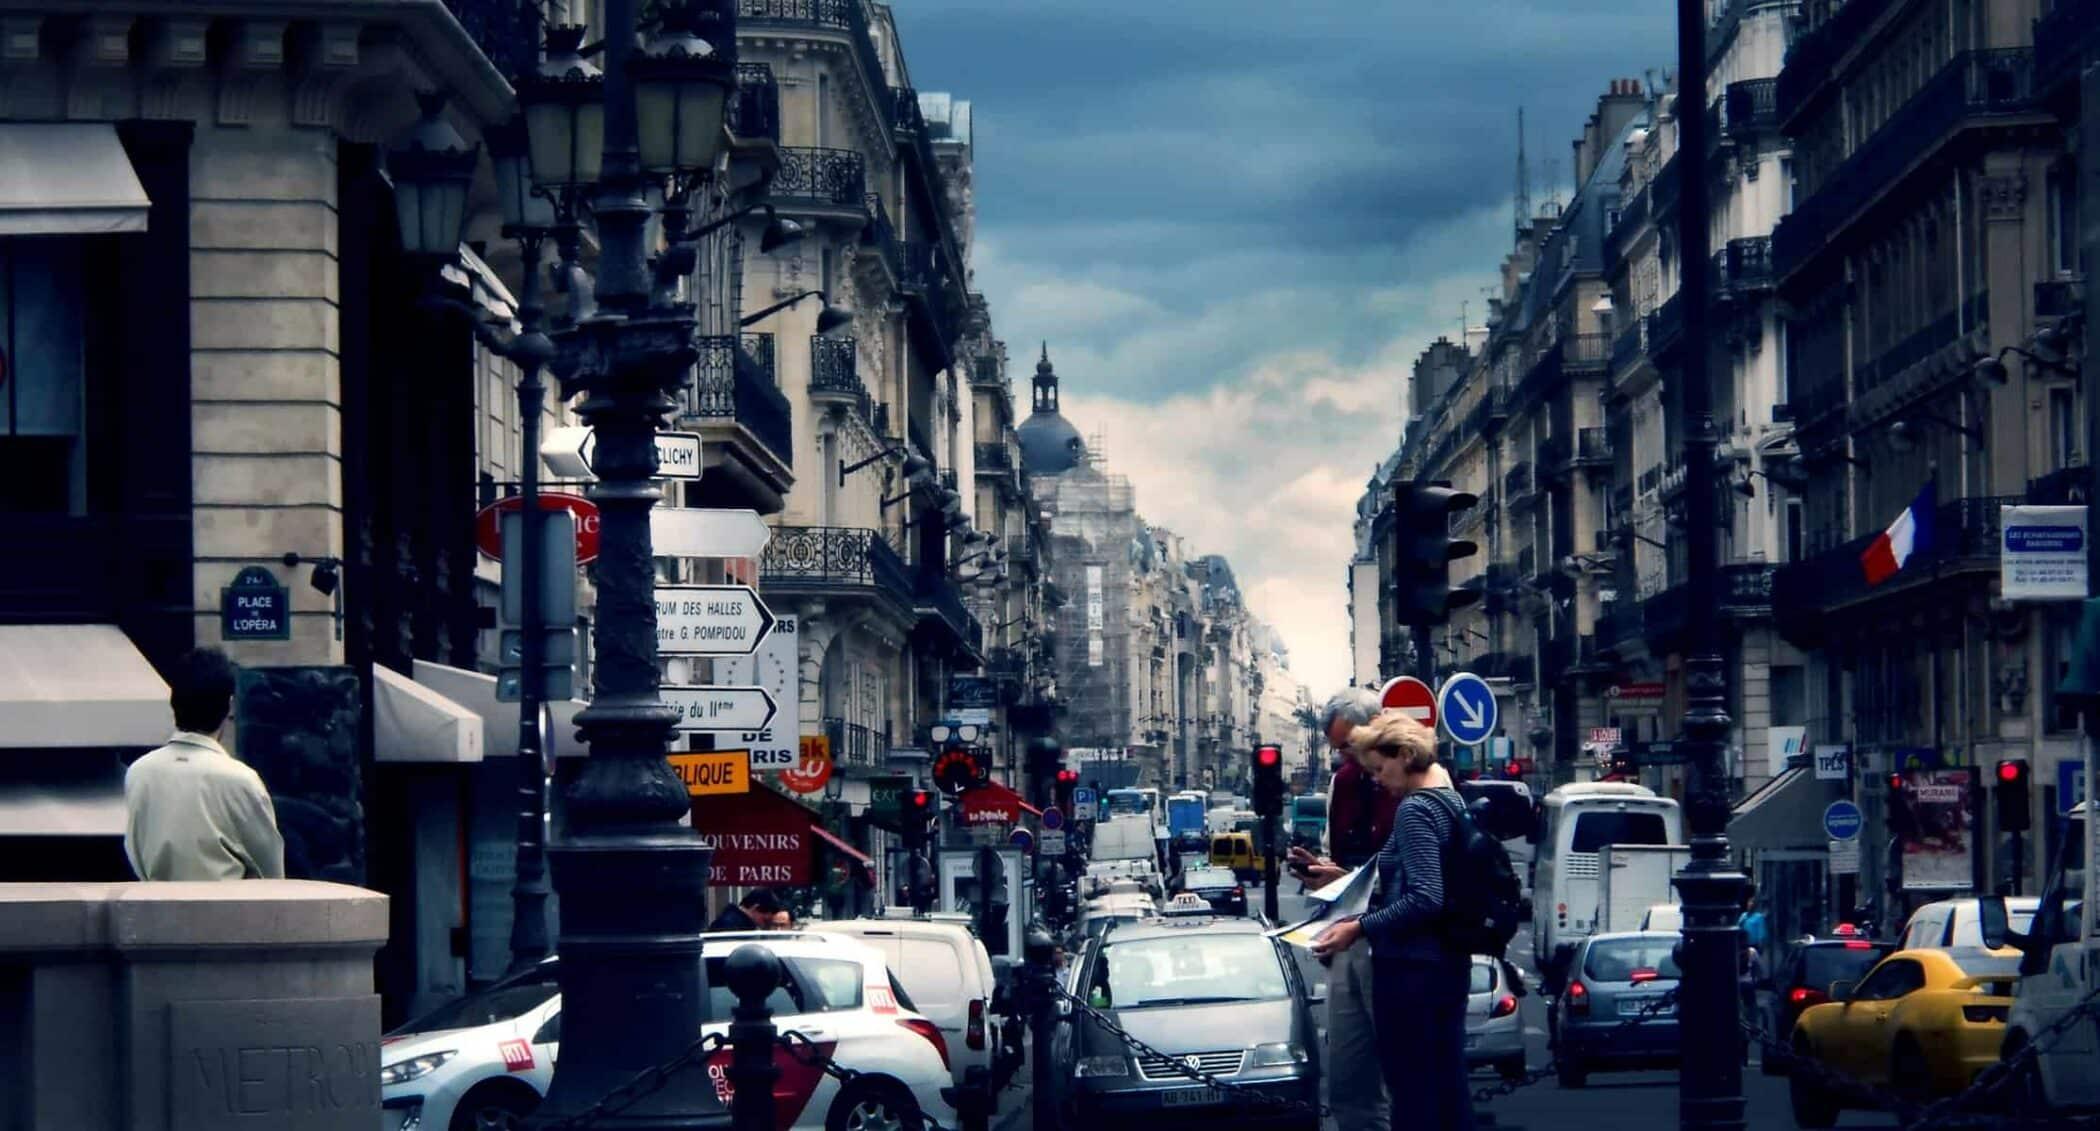 Opera, Paris typisk gadeforløb,